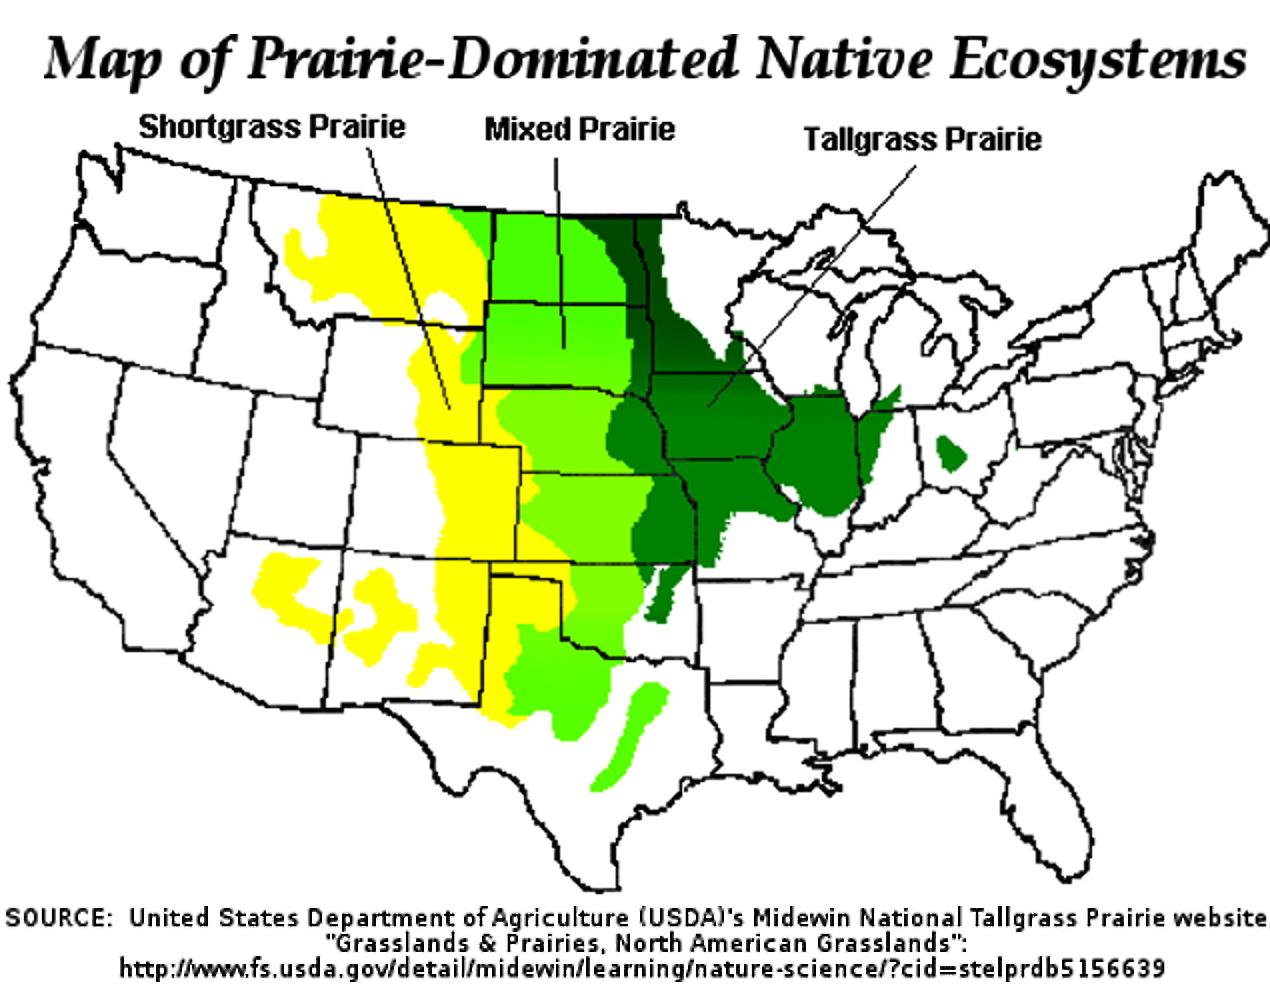 prairies-map-turned